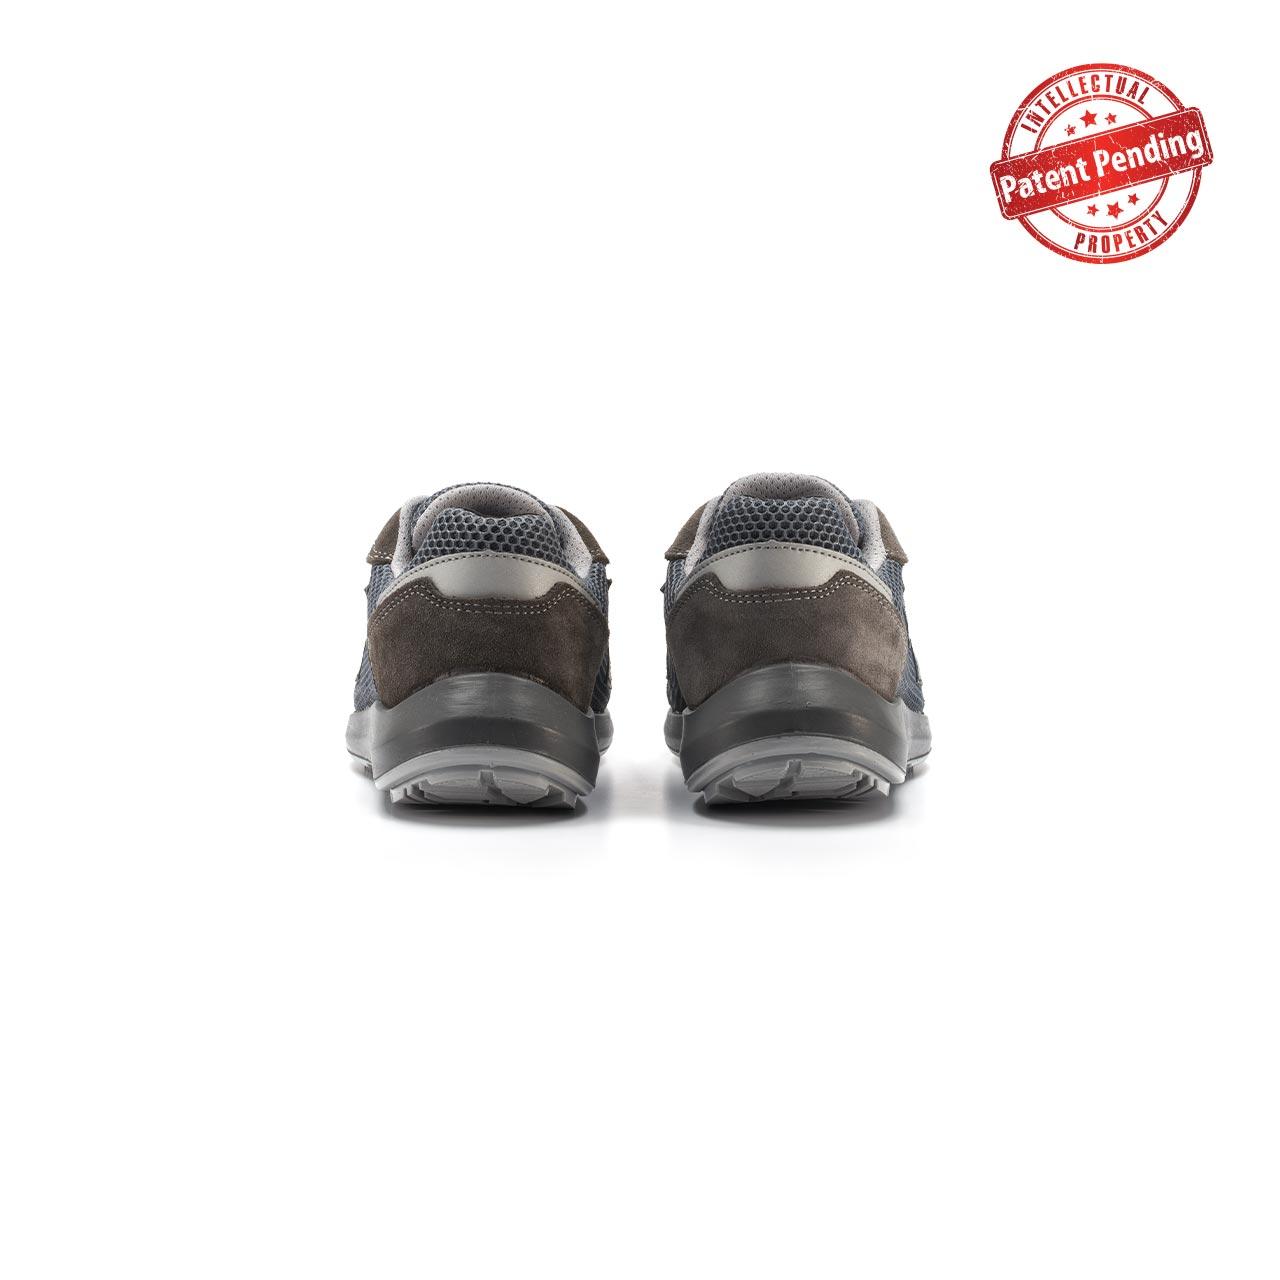 paio di scarpe antinfortunistiche upower modello draco linea redup vista retro